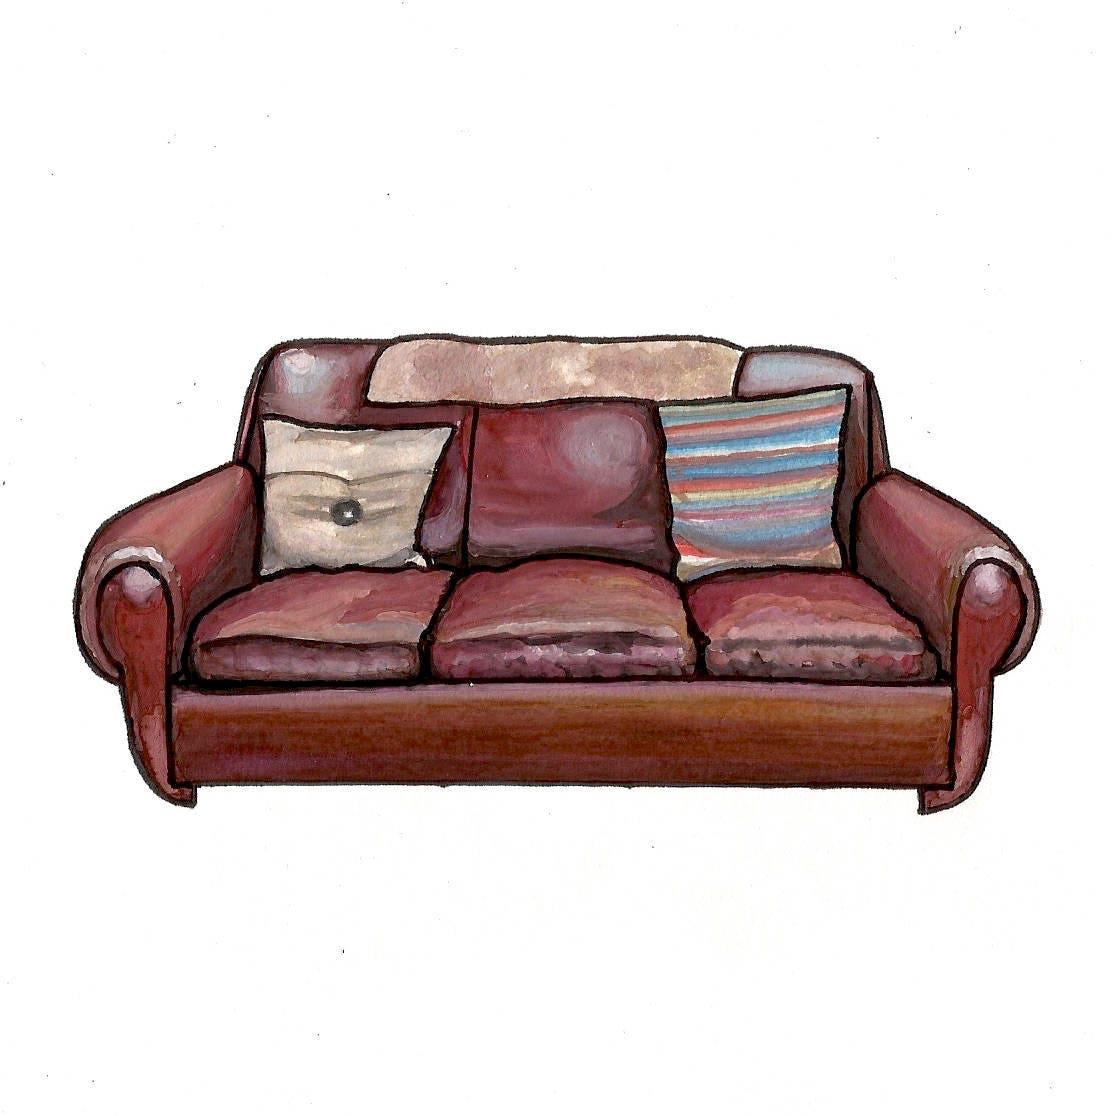 Sheldon S Couch Big Bang Theory Watercolor Print 5x7 Etsy